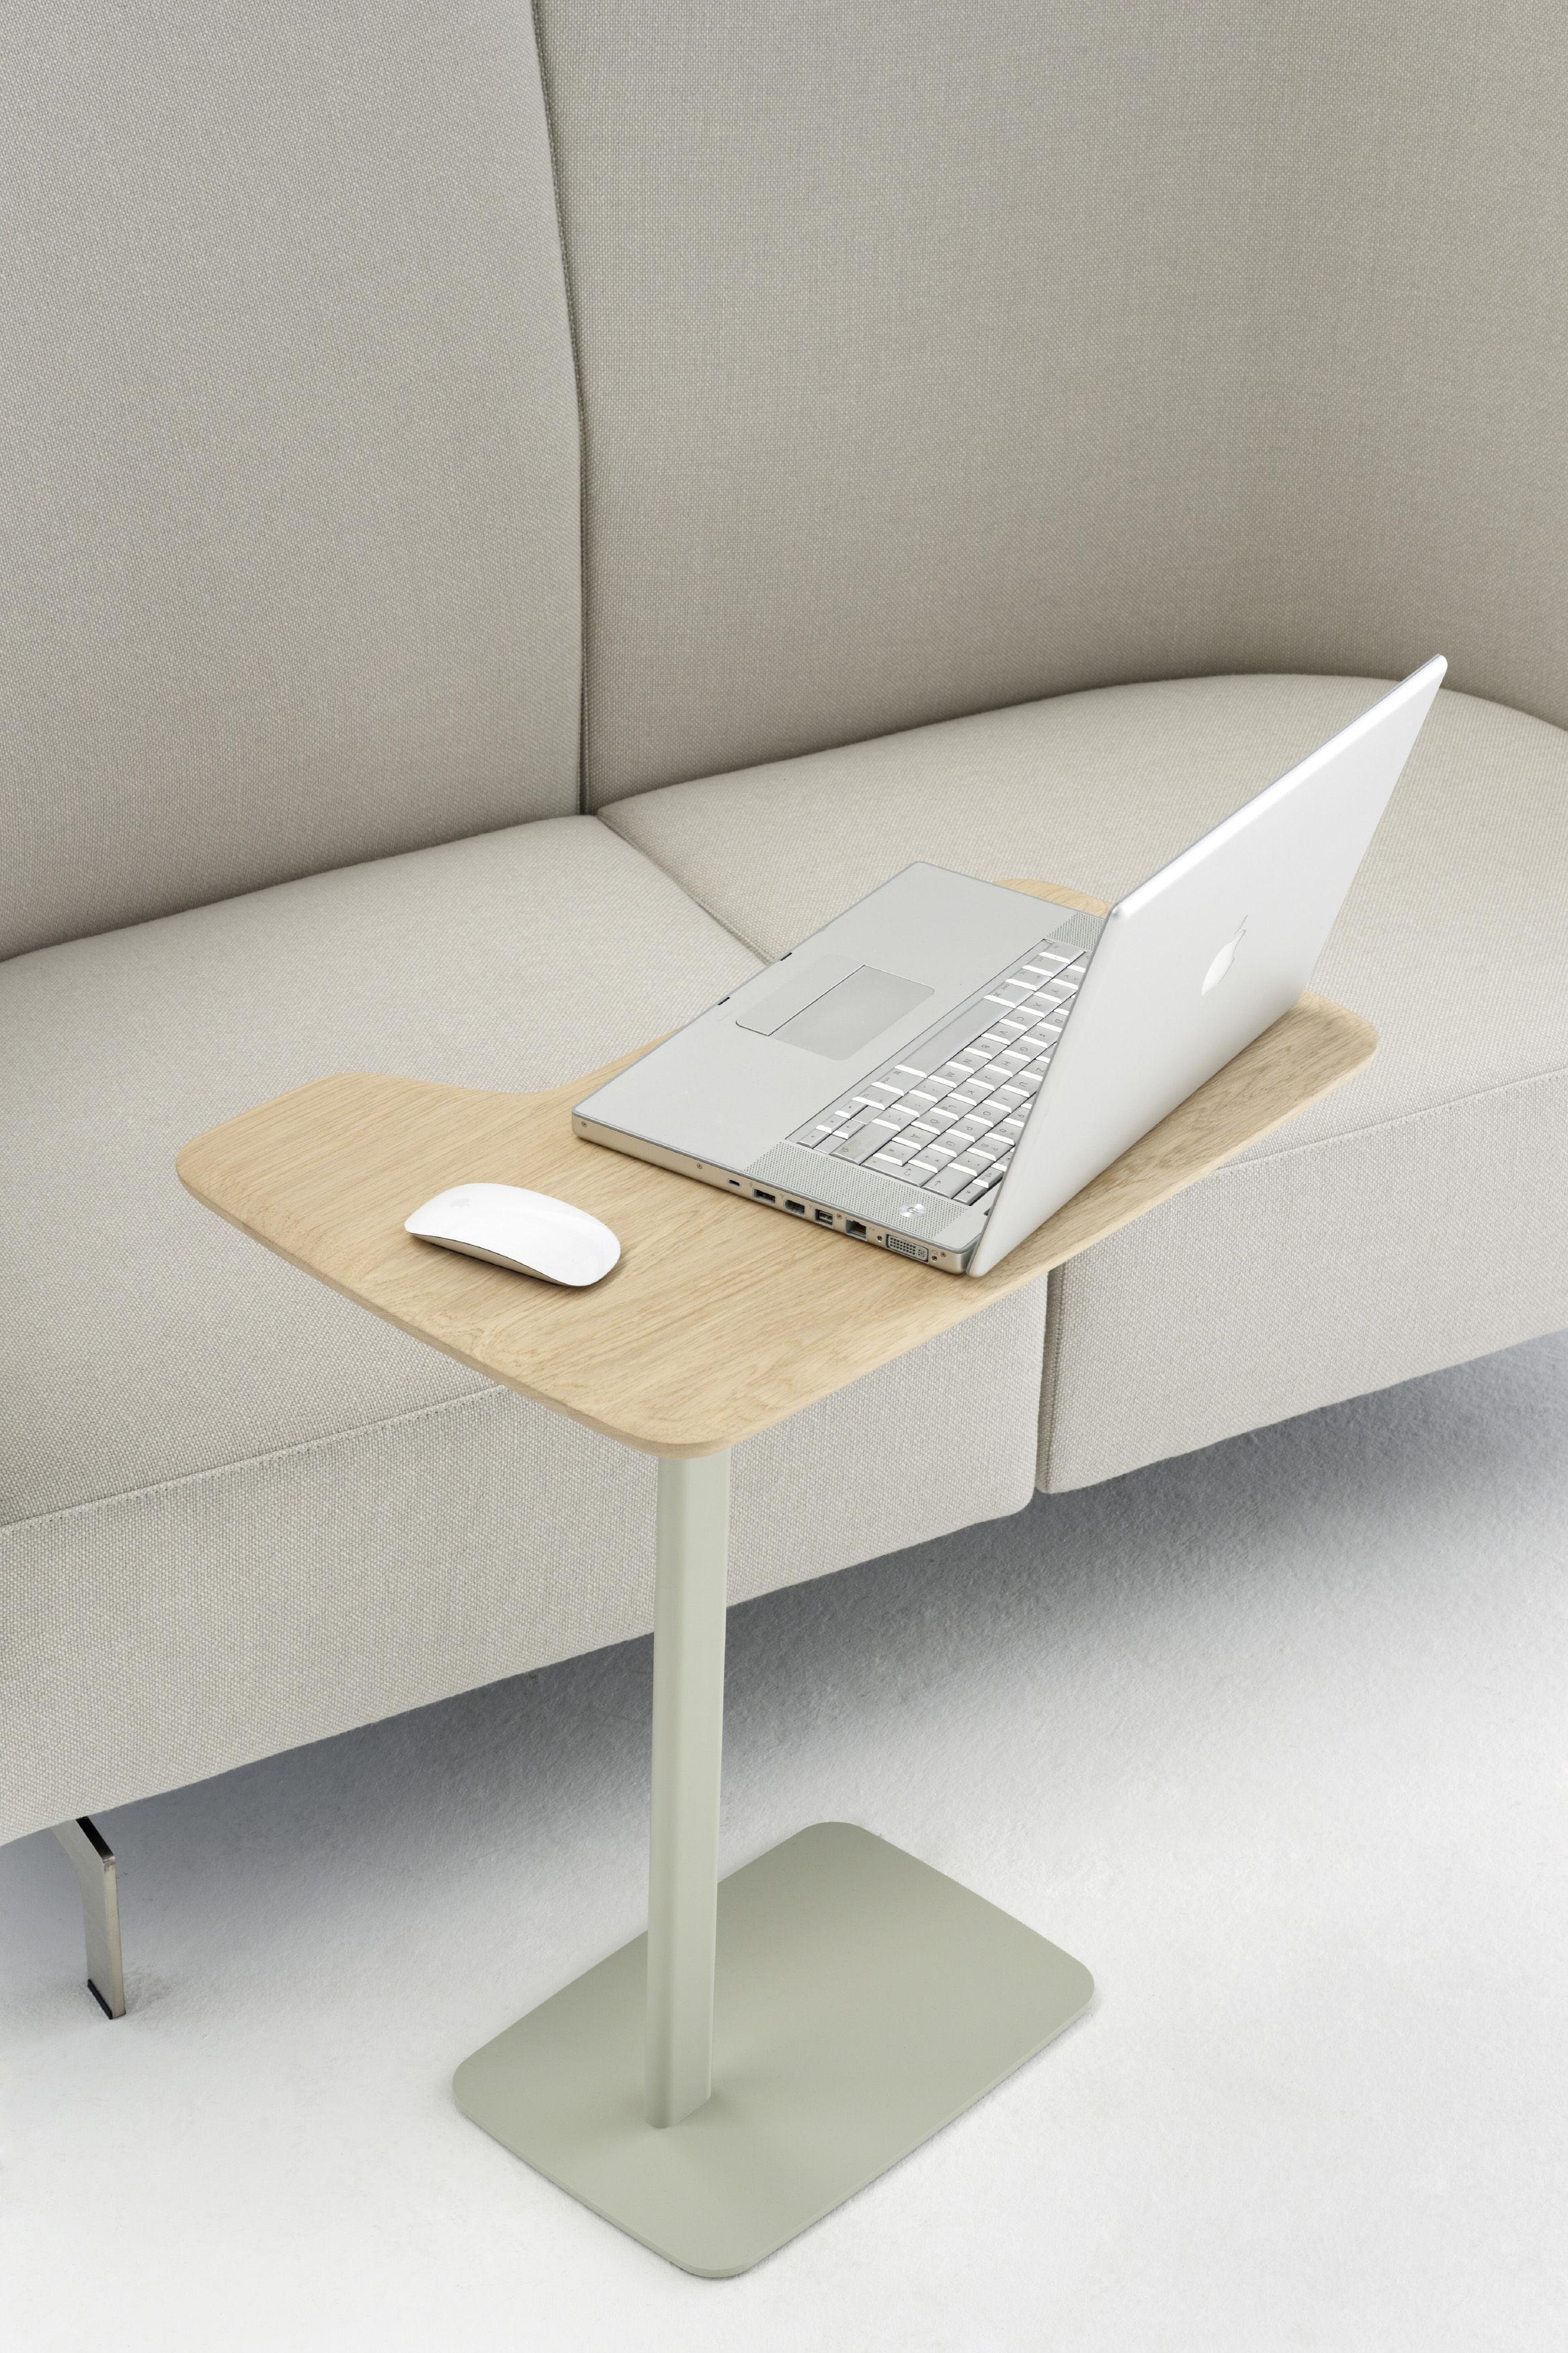 table d 39 appoint ustensils h 63 cm pour ordi portable bois clair pied gris arco. Black Bedroom Furniture Sets. Home Design Ideas